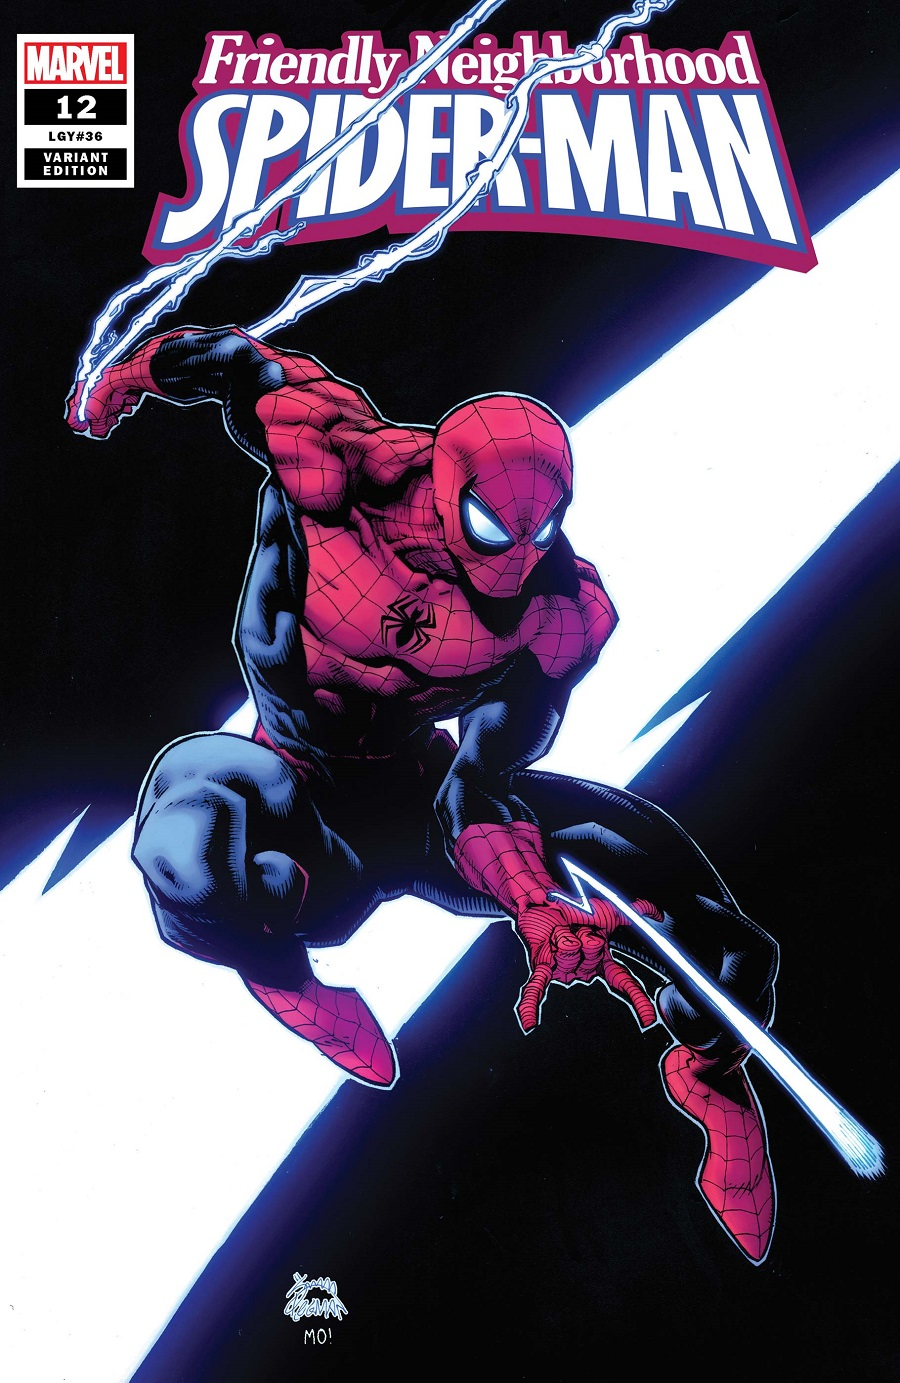 Previews: August 21st, 2019 - Spider Man Crawlspace